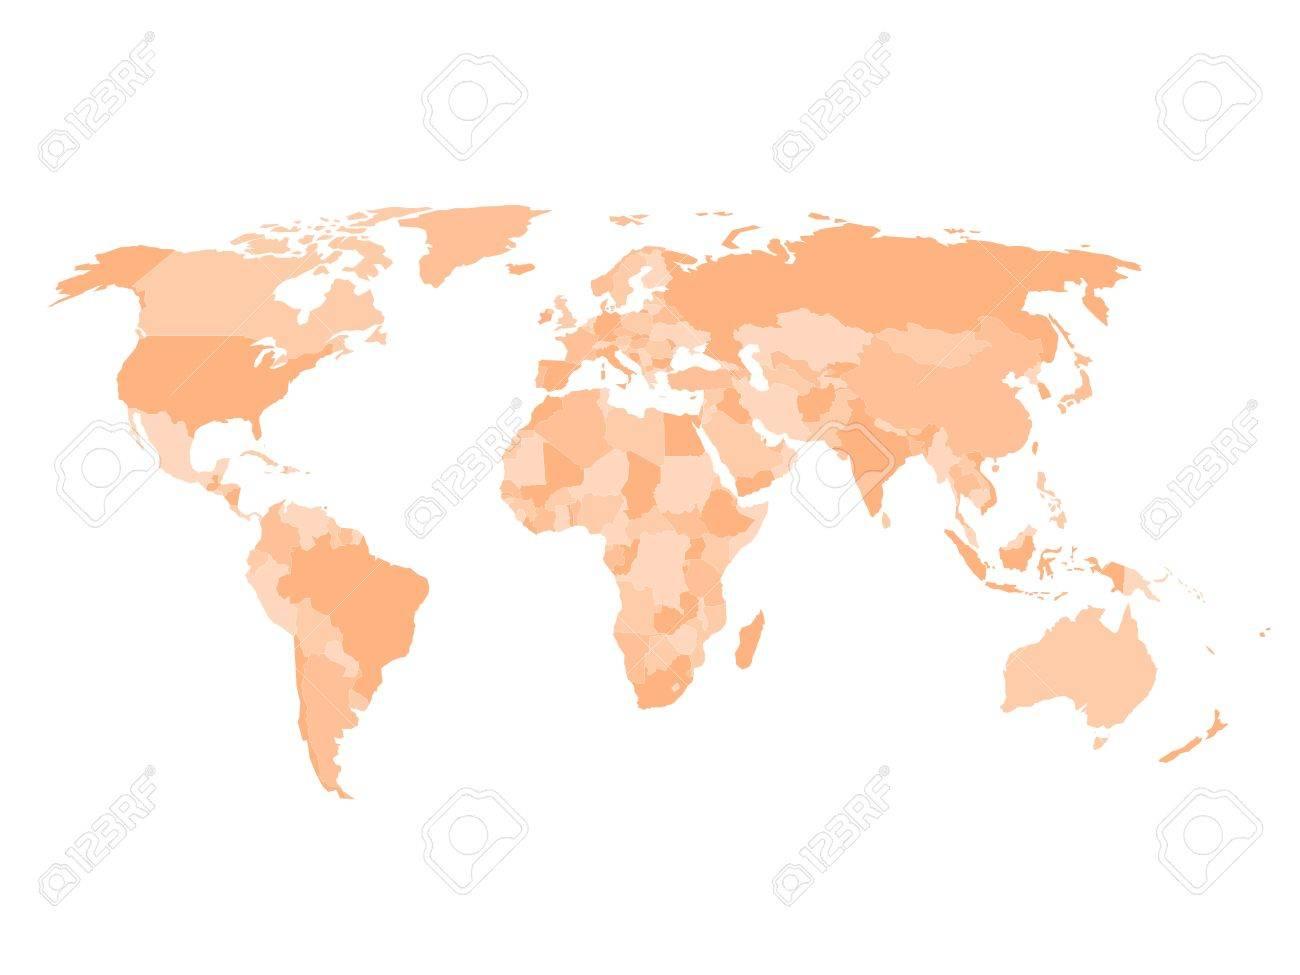 Cartina Mondo Vuota.Vettoriale La Mappa Politica Vuota Di Mondo In Quattro Tonalita Di Sfondo Arancione E Bianco Mappa Vettoriale Semplificata Image 50510421